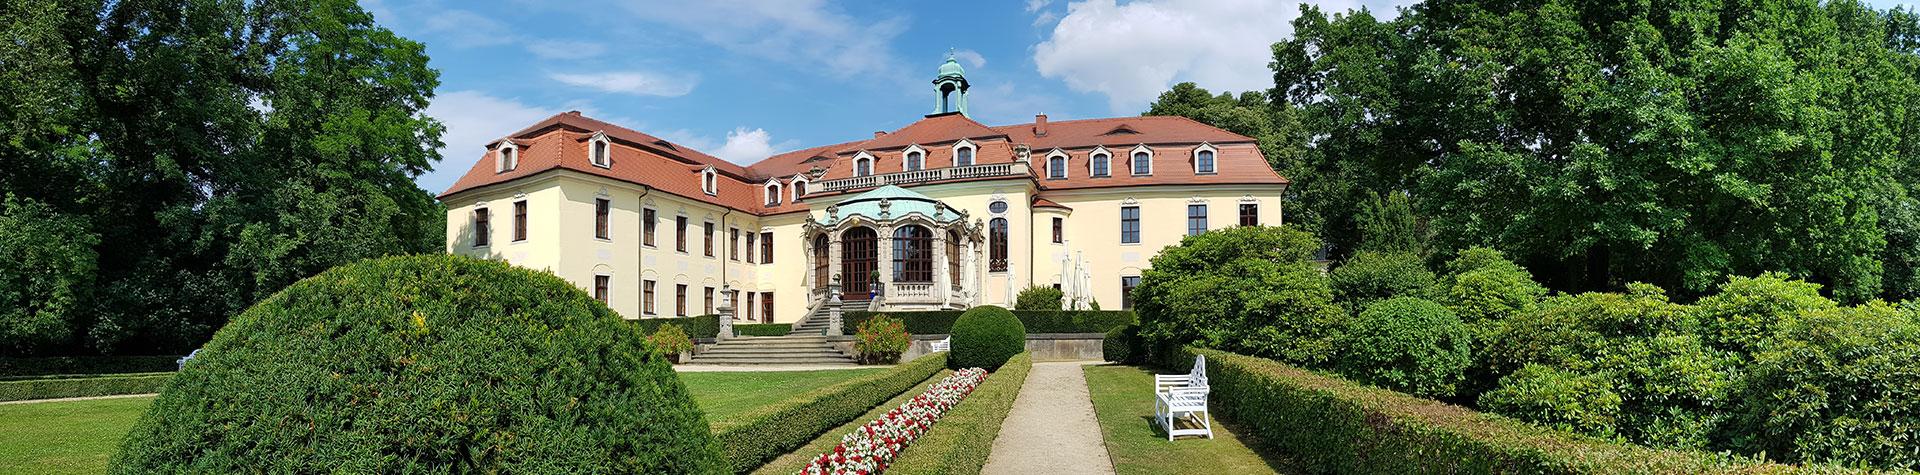 Heiraten auf Schloss Proschwitz